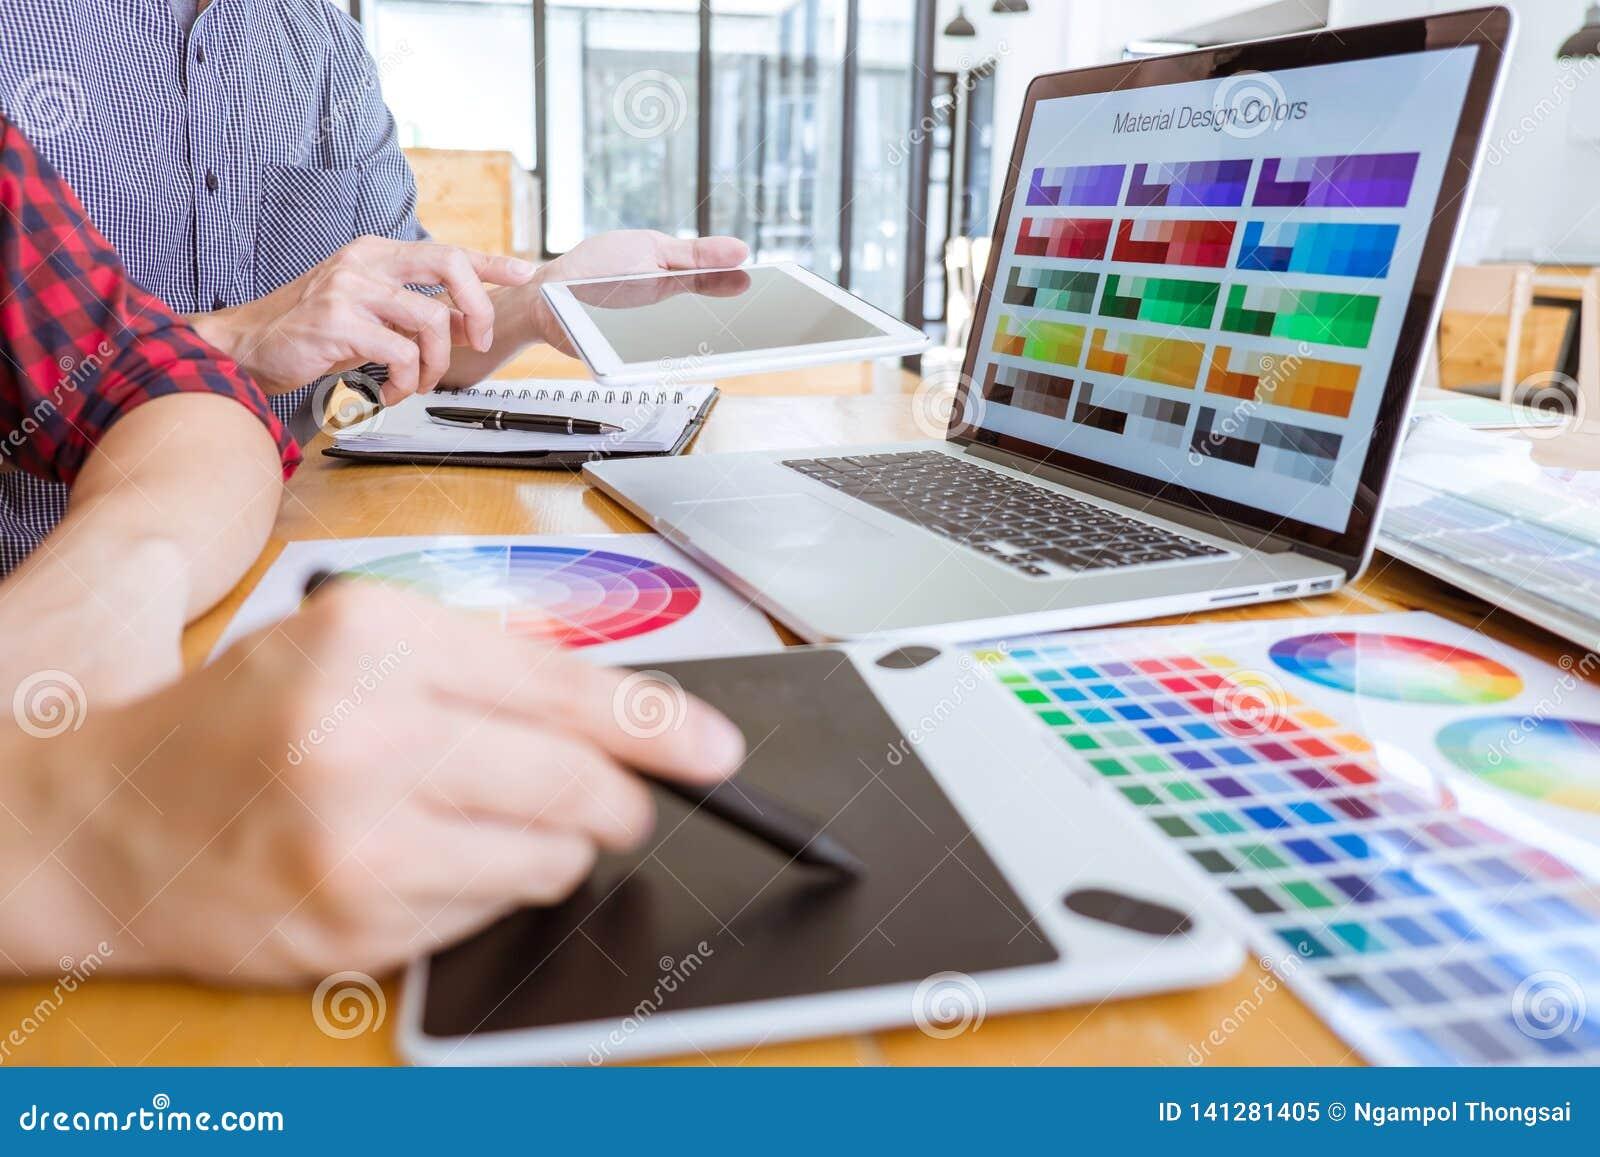 El equipo de reunión creativa del diseñador gráfico que trabaja en nuevo proyecto, elige color de la selección y el dibujo en la